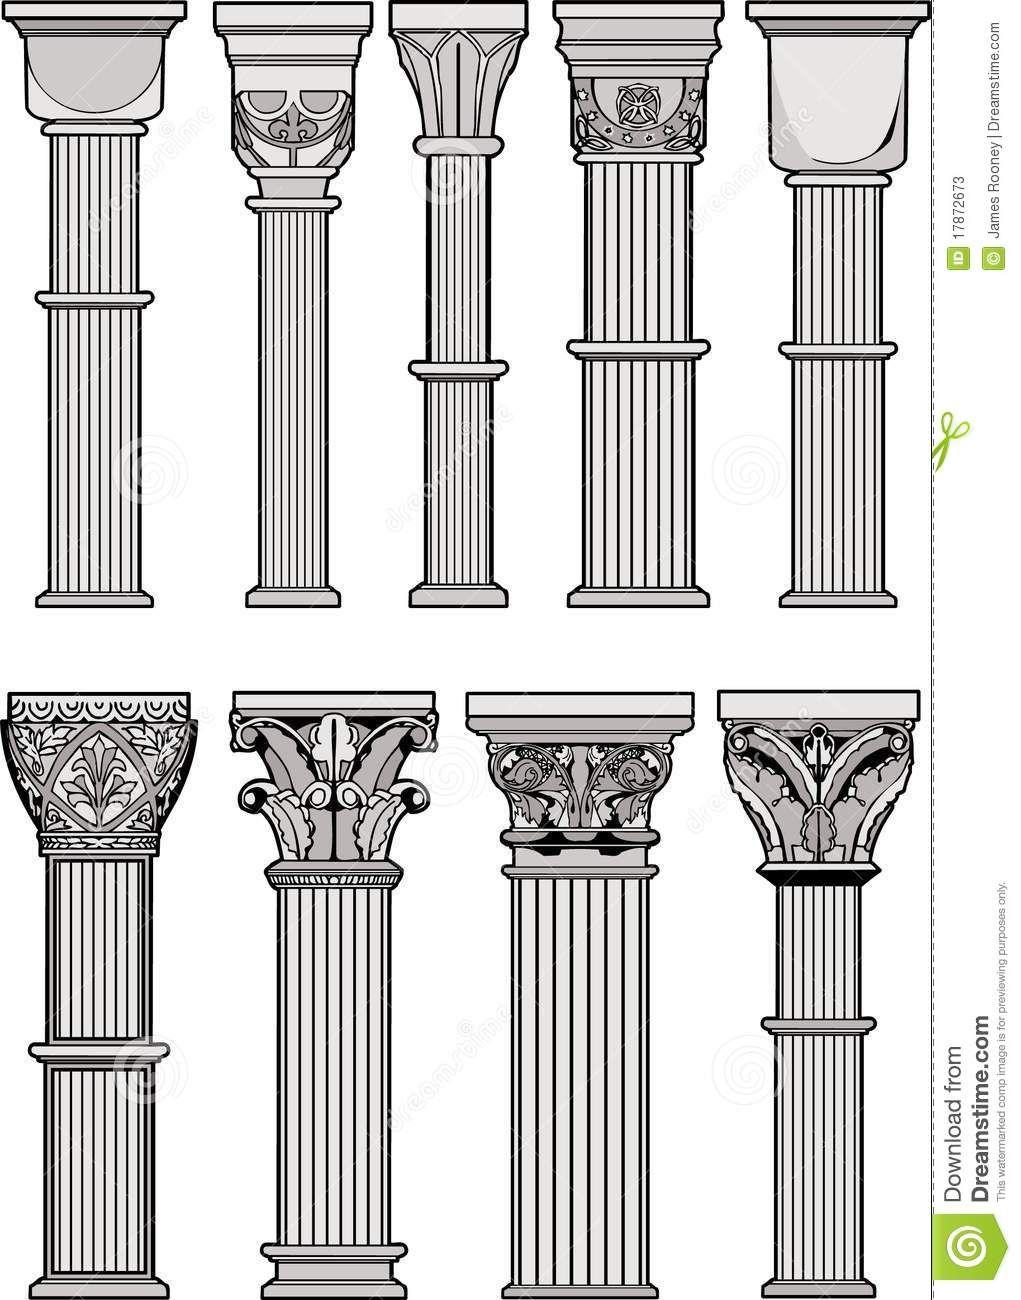 Columnas Romanas 17872673 Jpg 1021 1300 Columnas Romanas Columnas Arquitectura Arte